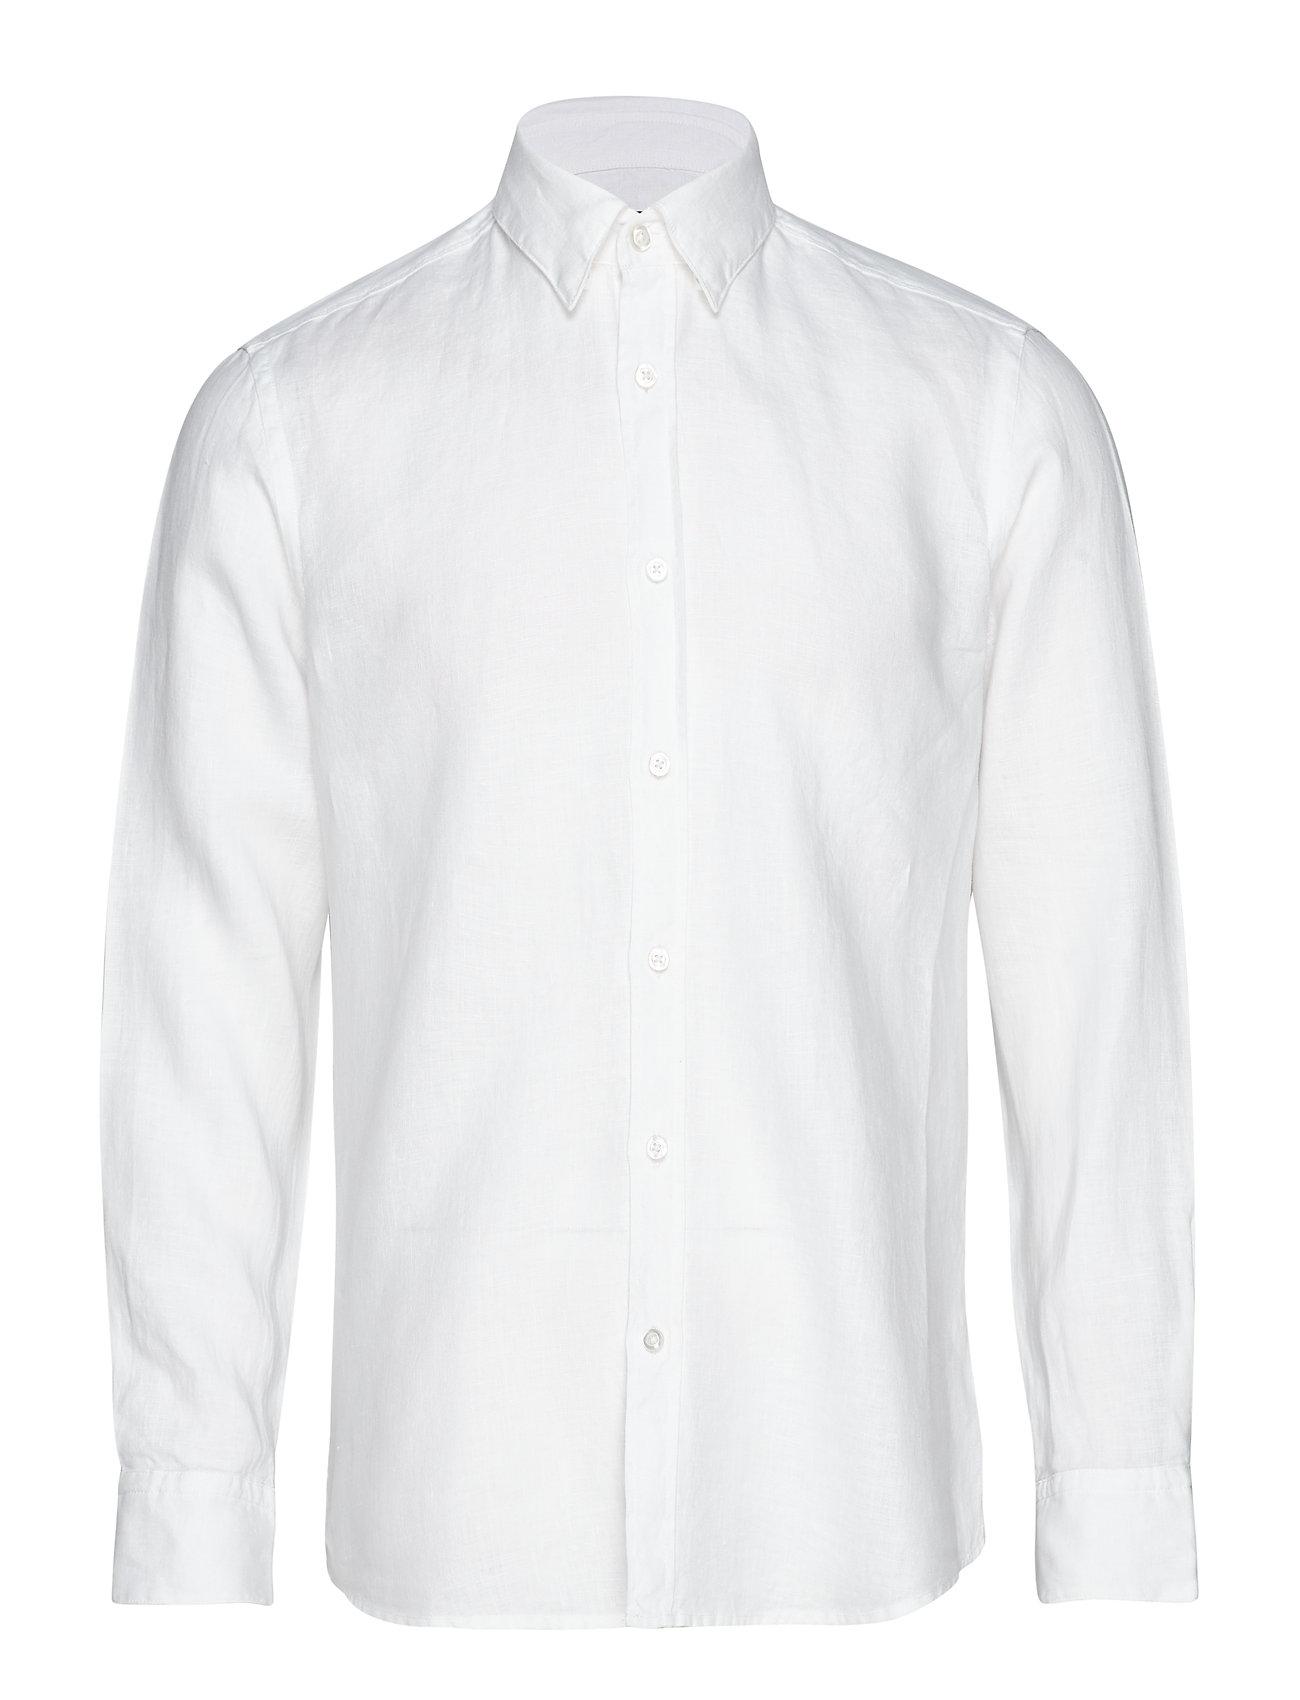 Boss Casual Wear Relegant_1 - WHITE